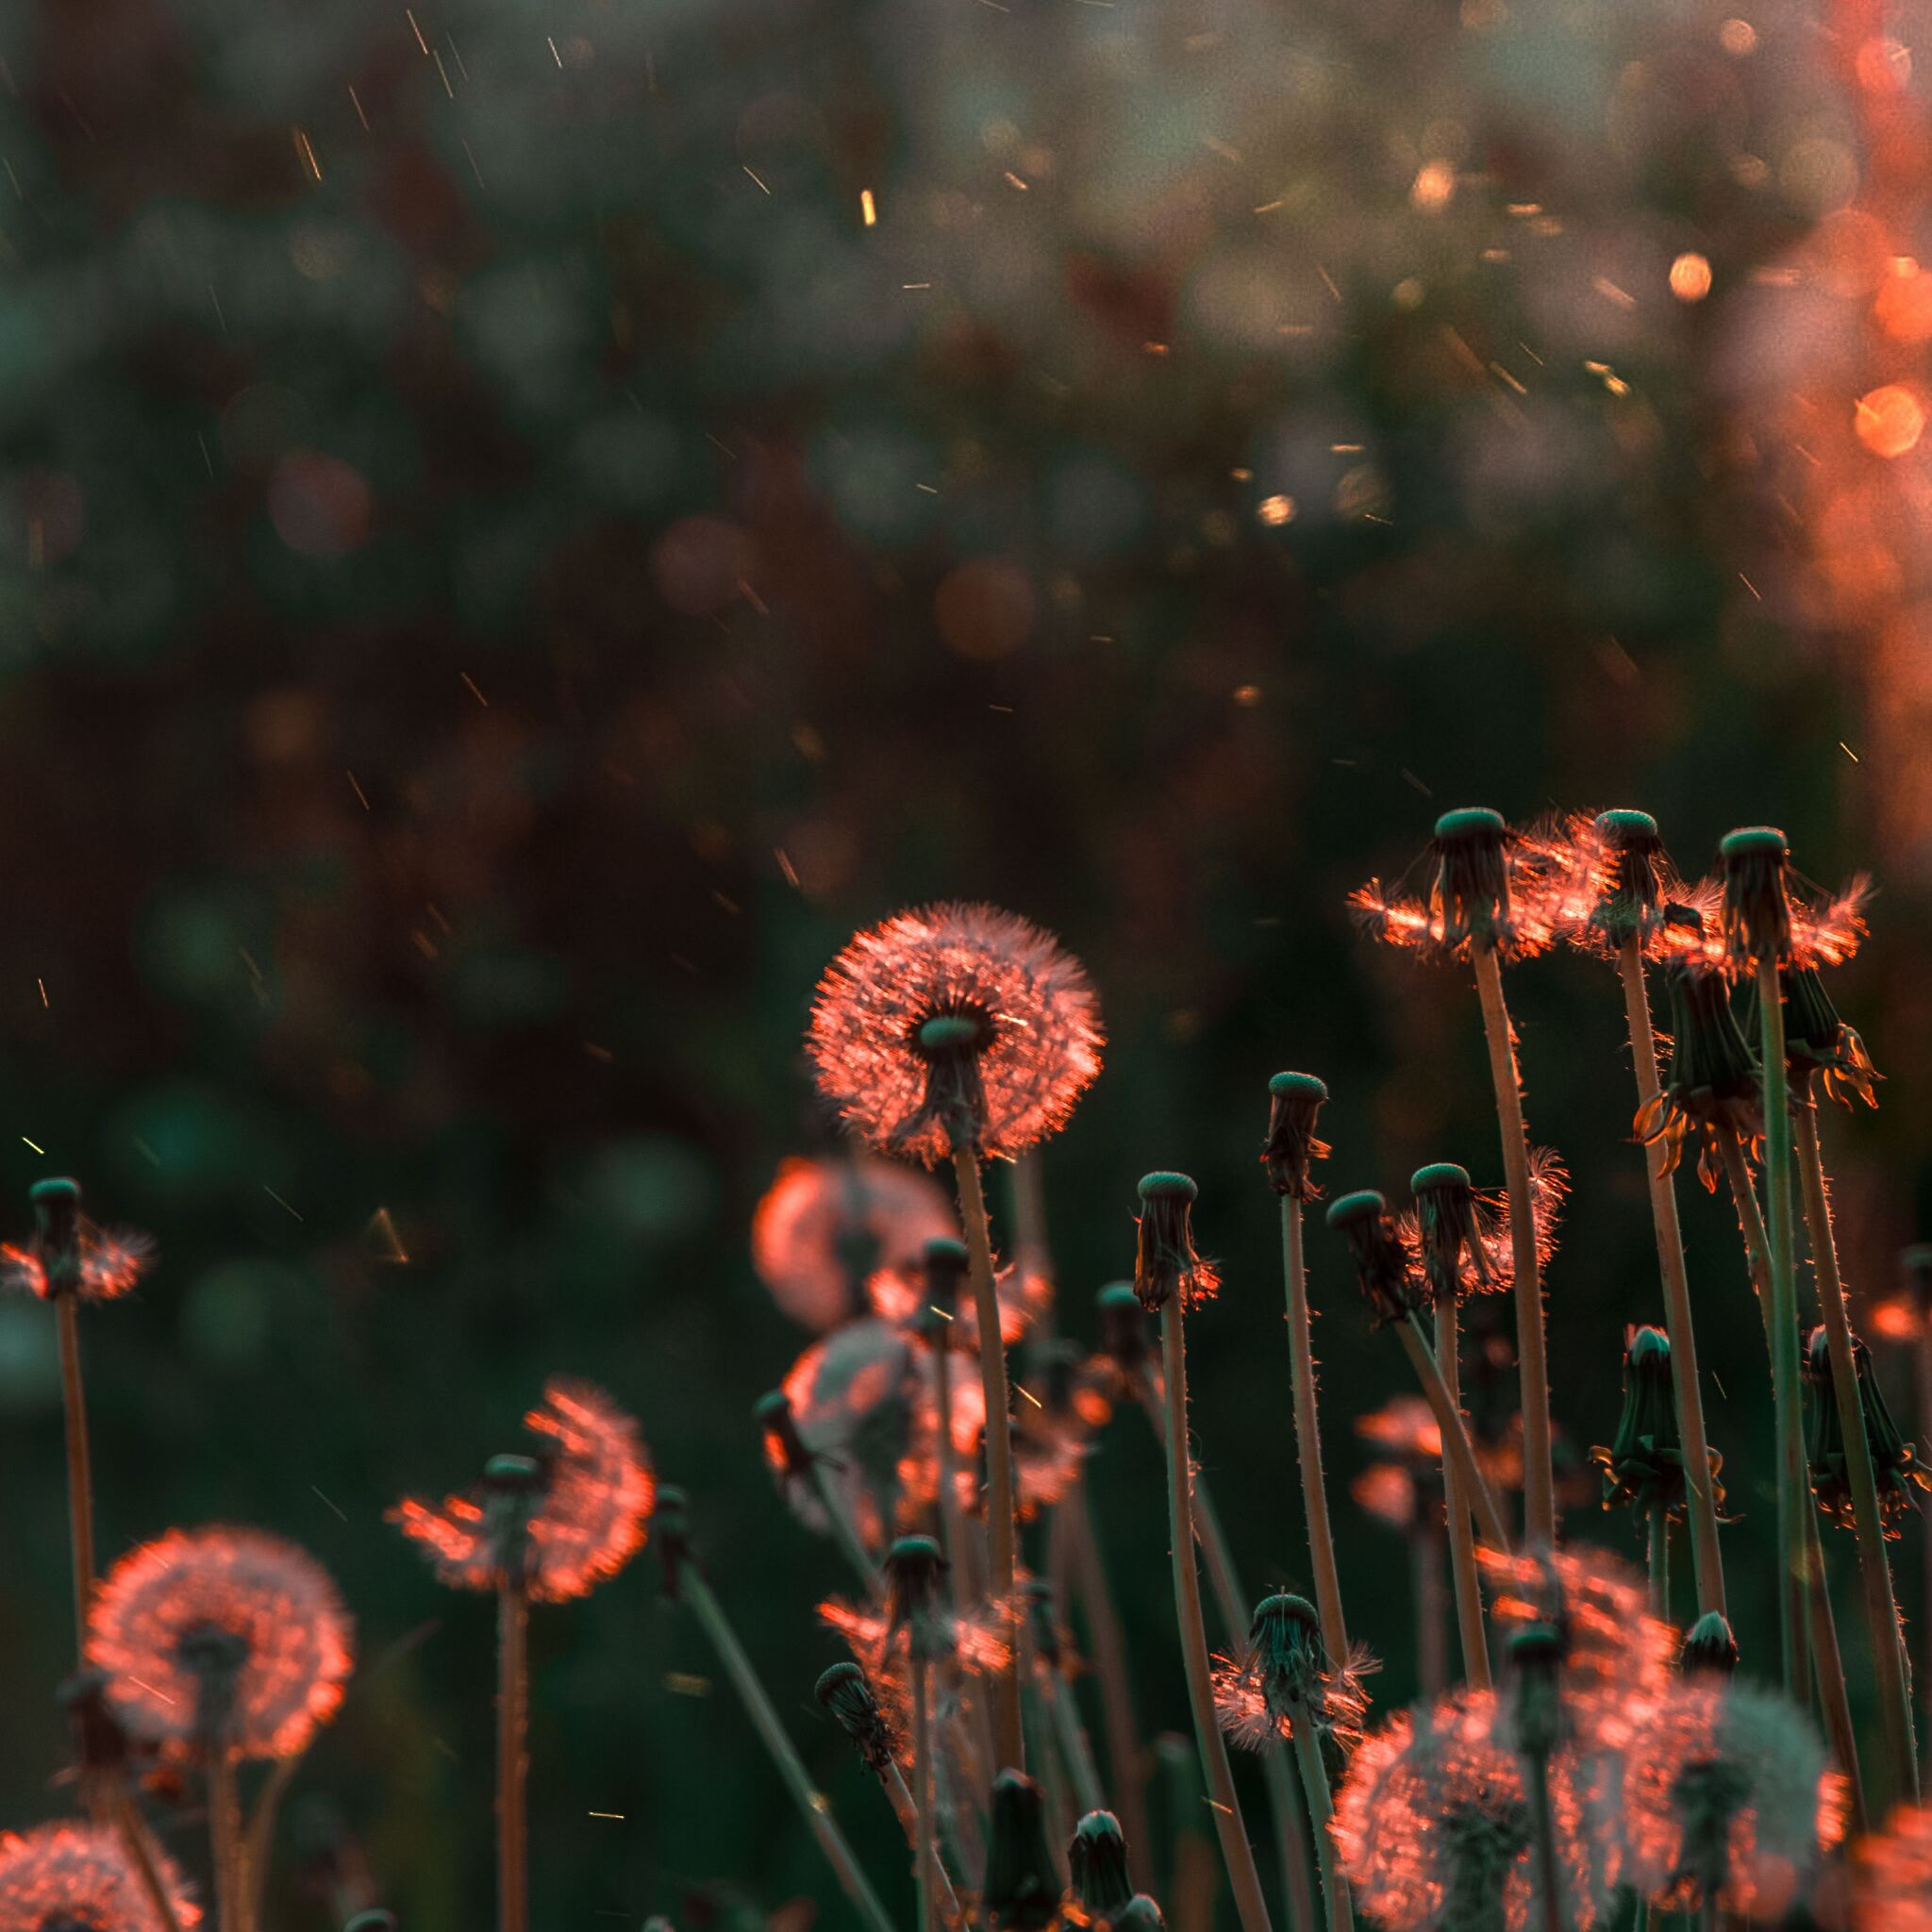 blossom-flower-field-5k-l9.jpg